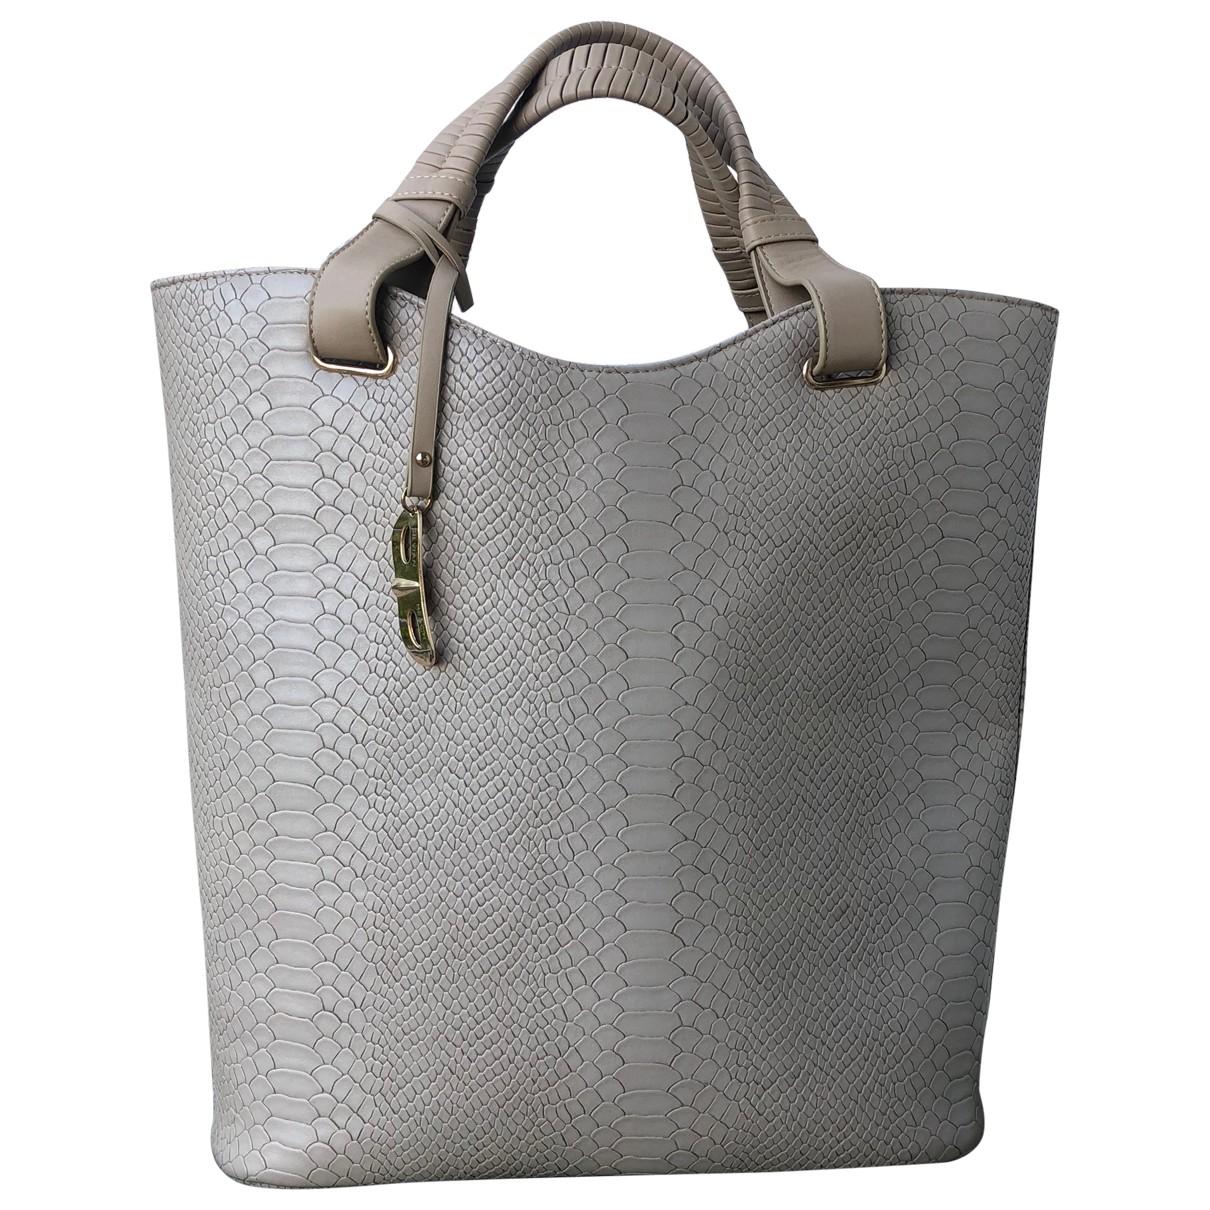 Silvian Heach \N Grey Leather handbag for Women \N